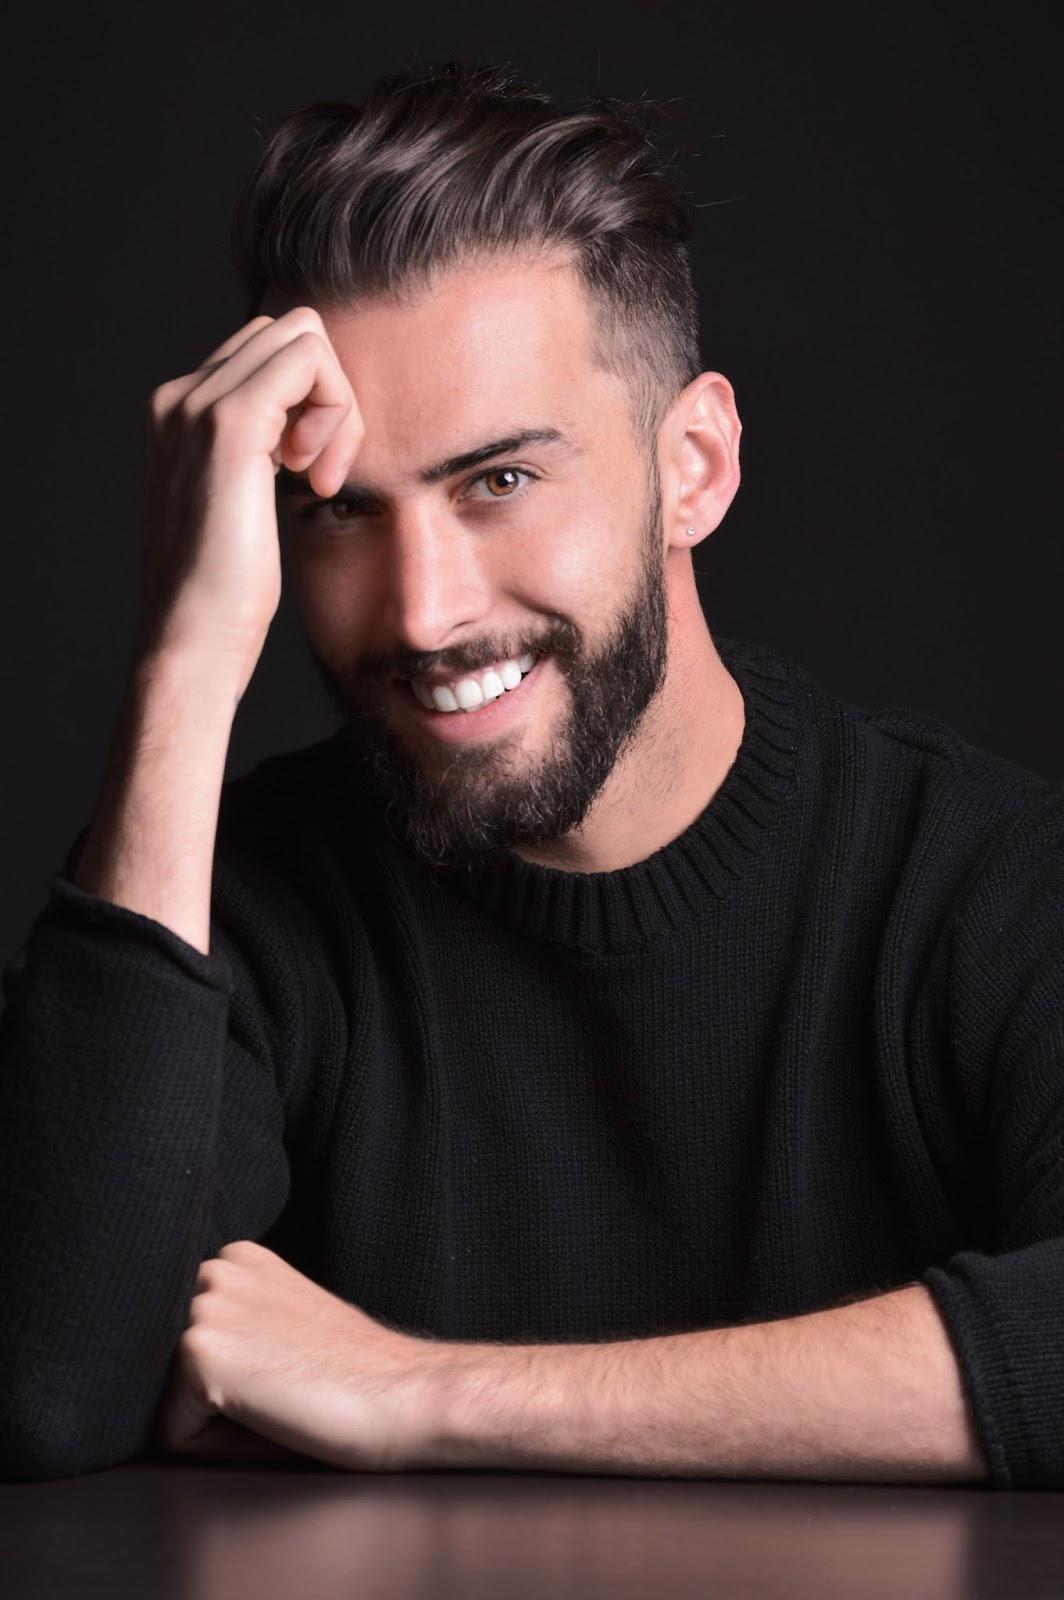 Carlo:  conductor host roberto presentador carlo Roberto